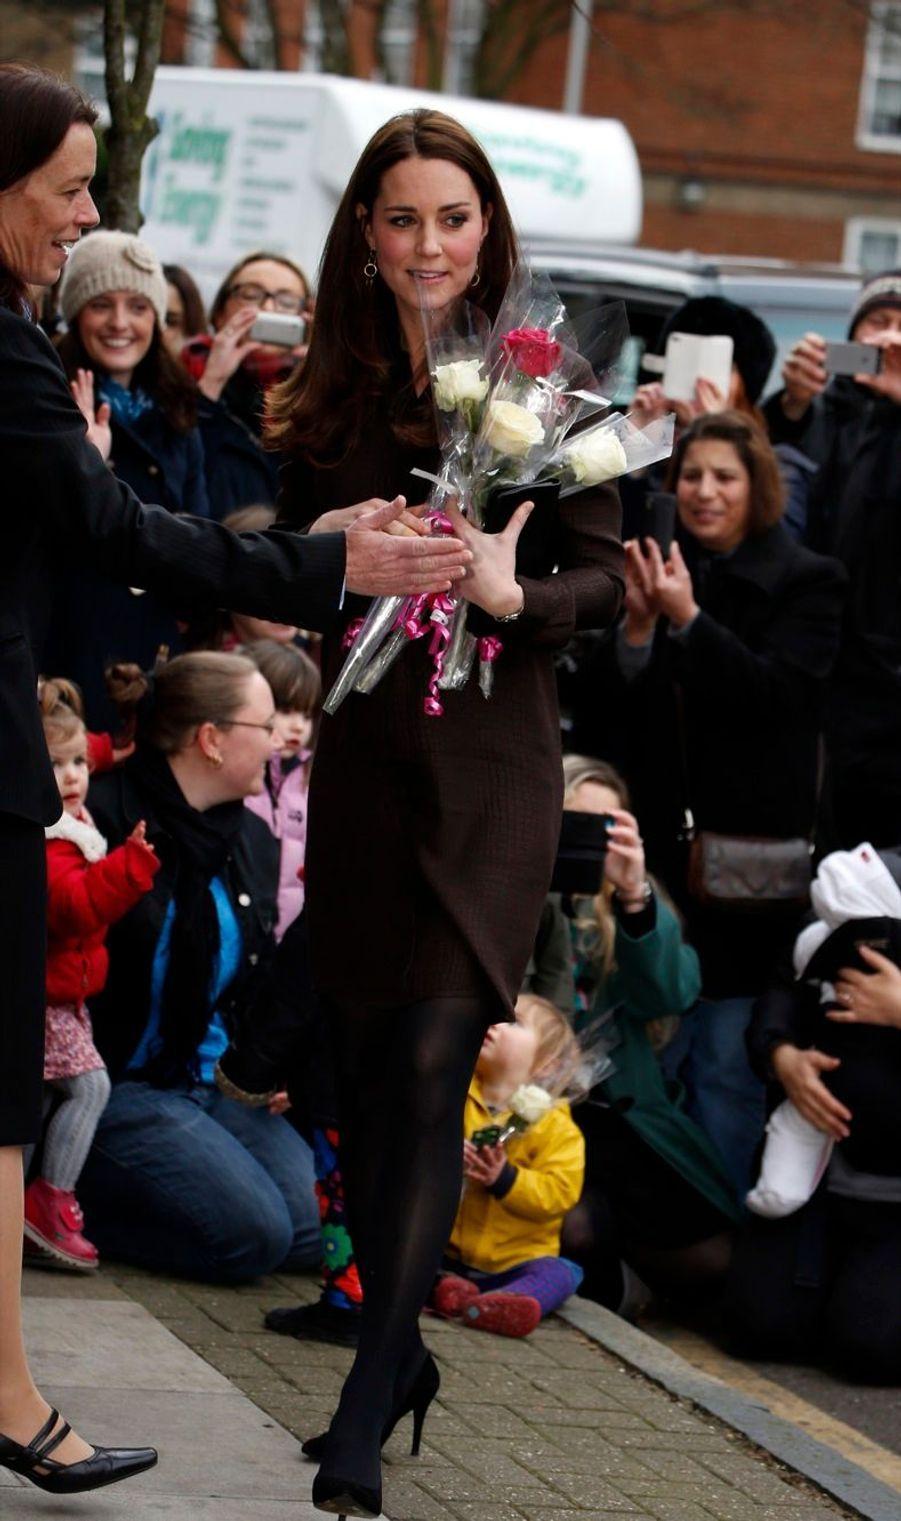 35 La Duchesse De Cambridge, Née Kate Middleton, En Visite Dans Une Association De Familles D'accueil